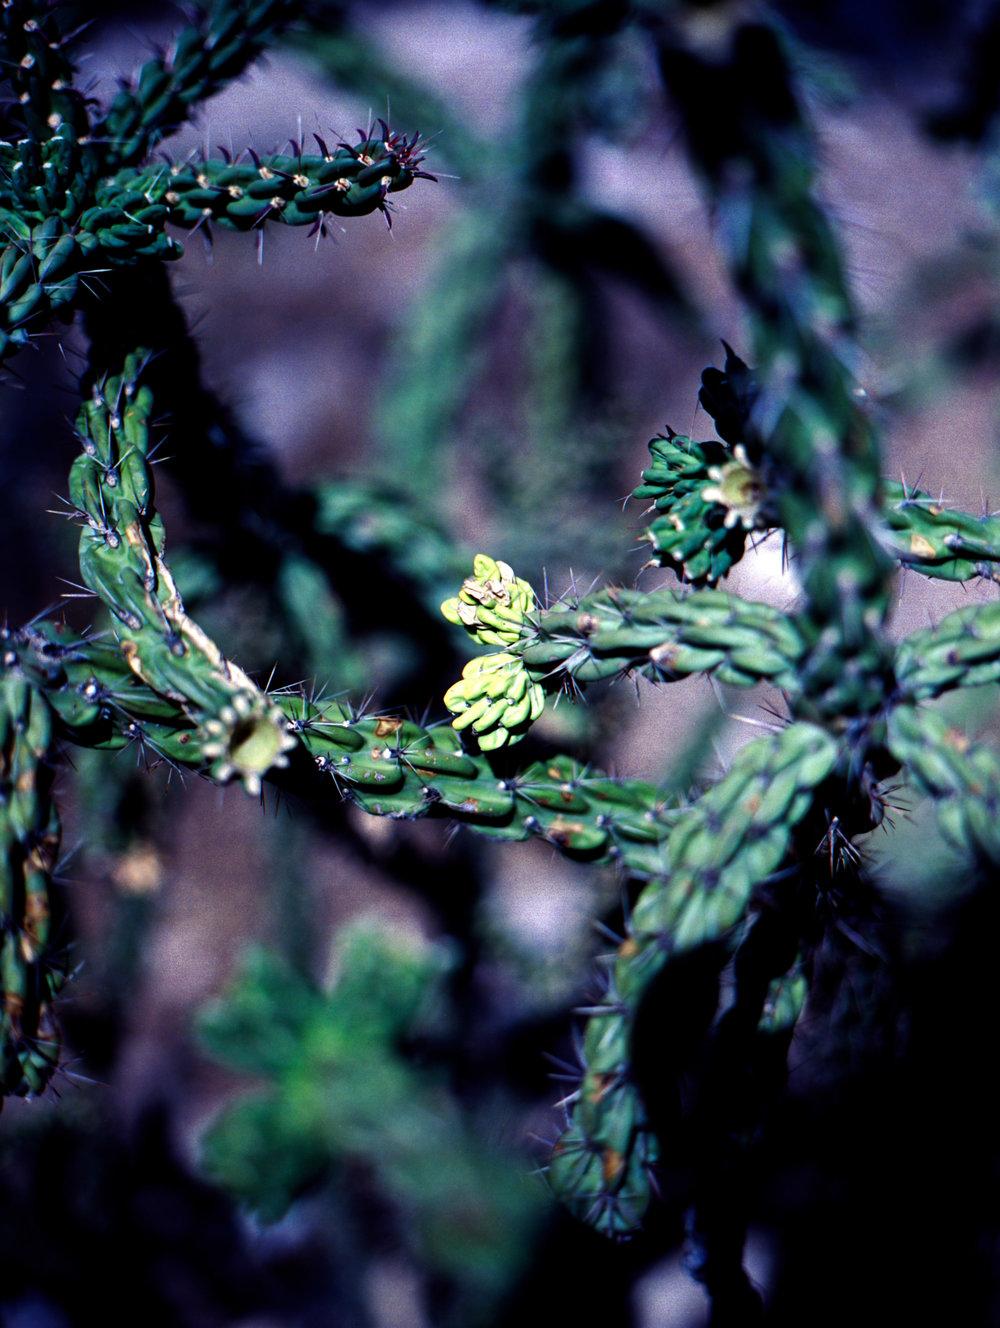 Mamiya 645AF | Kodak Ektar | Cacti